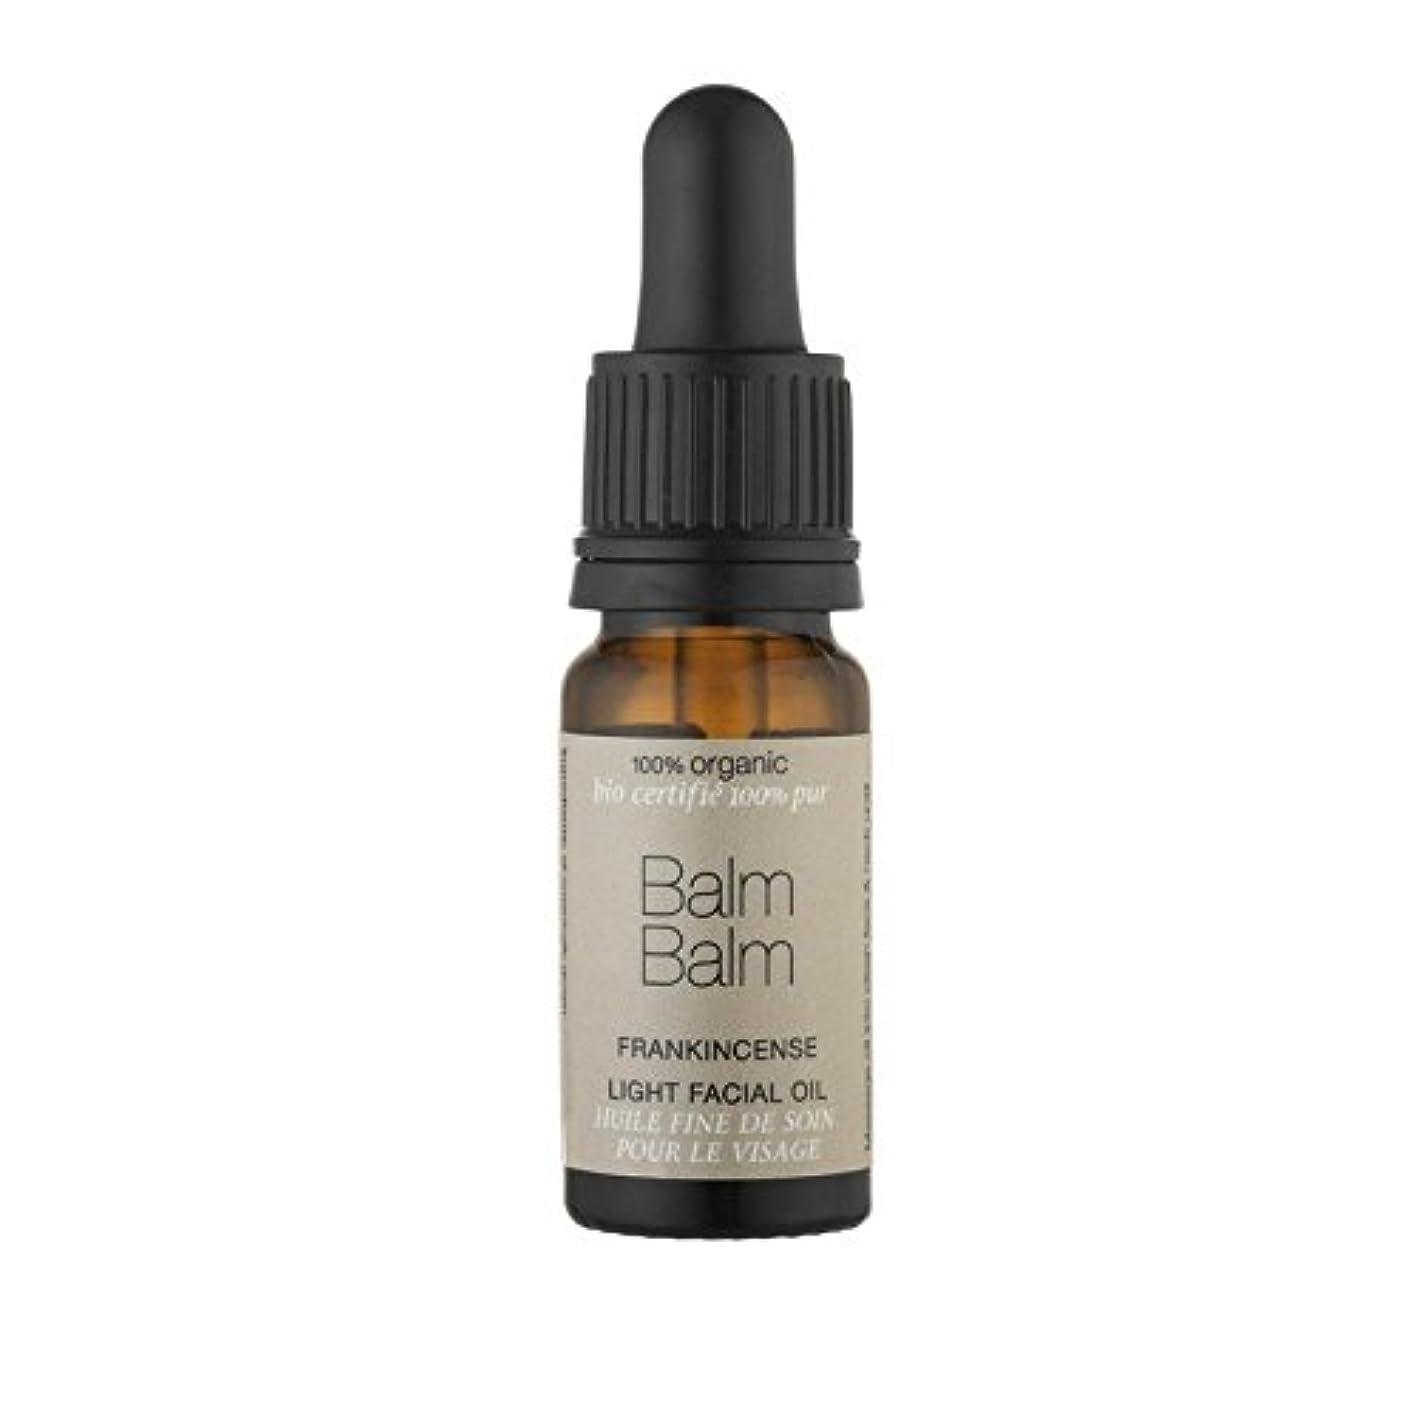 バッジ踊り子団結バームバーム乳香有機光フェイシャルオイル30ミリリットル x2 - Balm Balm Frankincense Organic Light Facial Oil 30ml (Pack of 2) [並行輸入品]